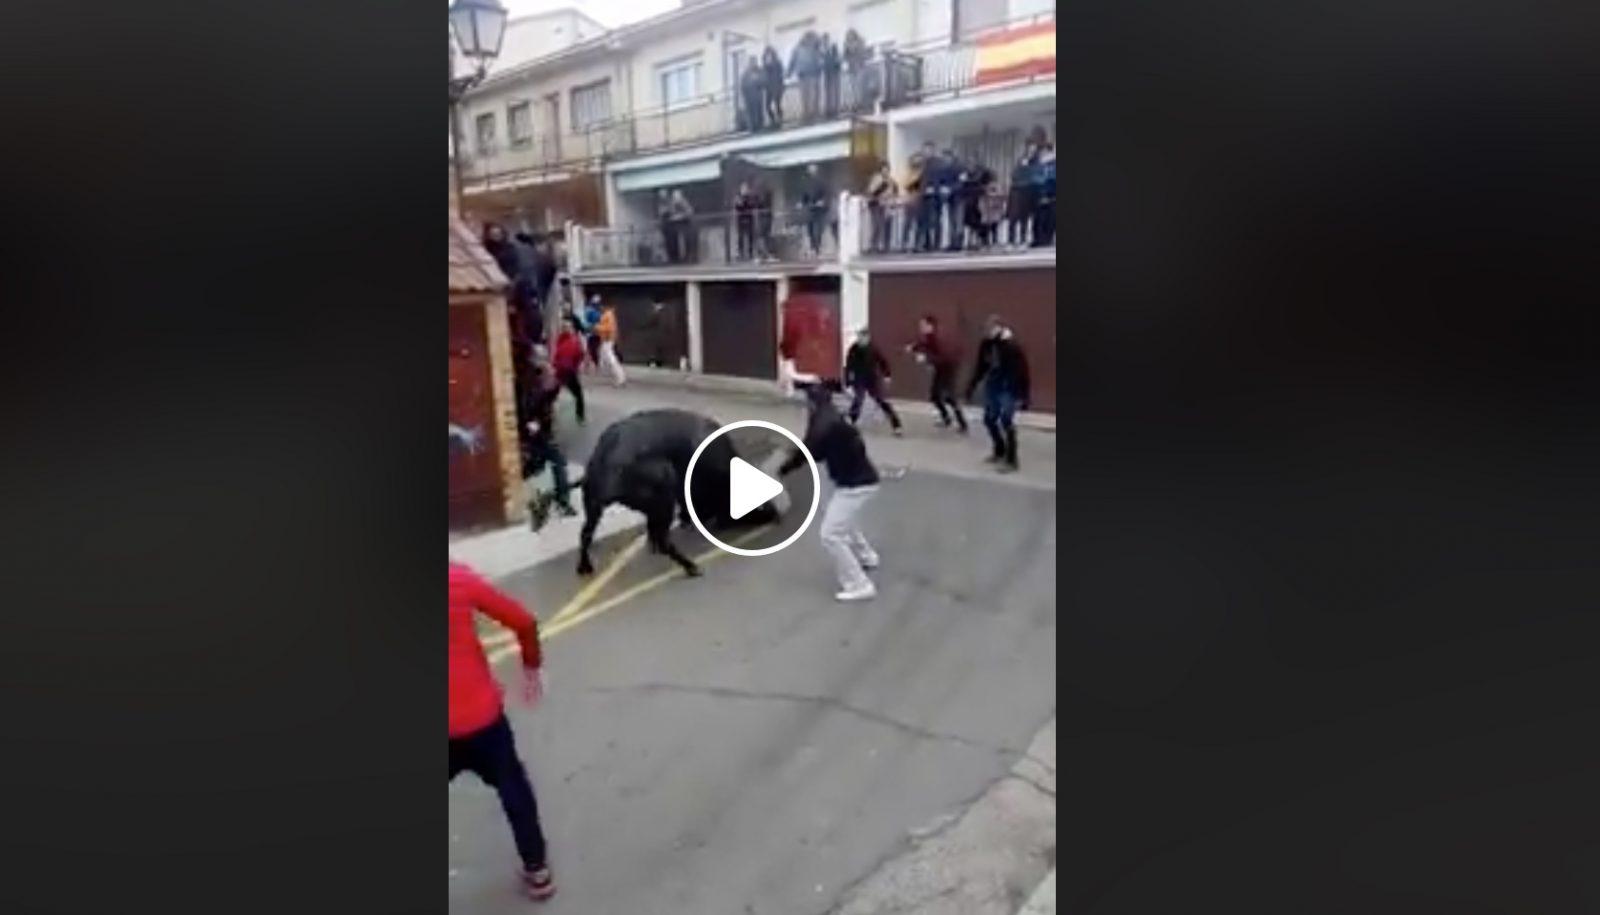 VIDEO // VALDEMORILLO (10/02/2019) – Un toro de Miura s'arrête sur le parcours de l'encierro, moment de panique…